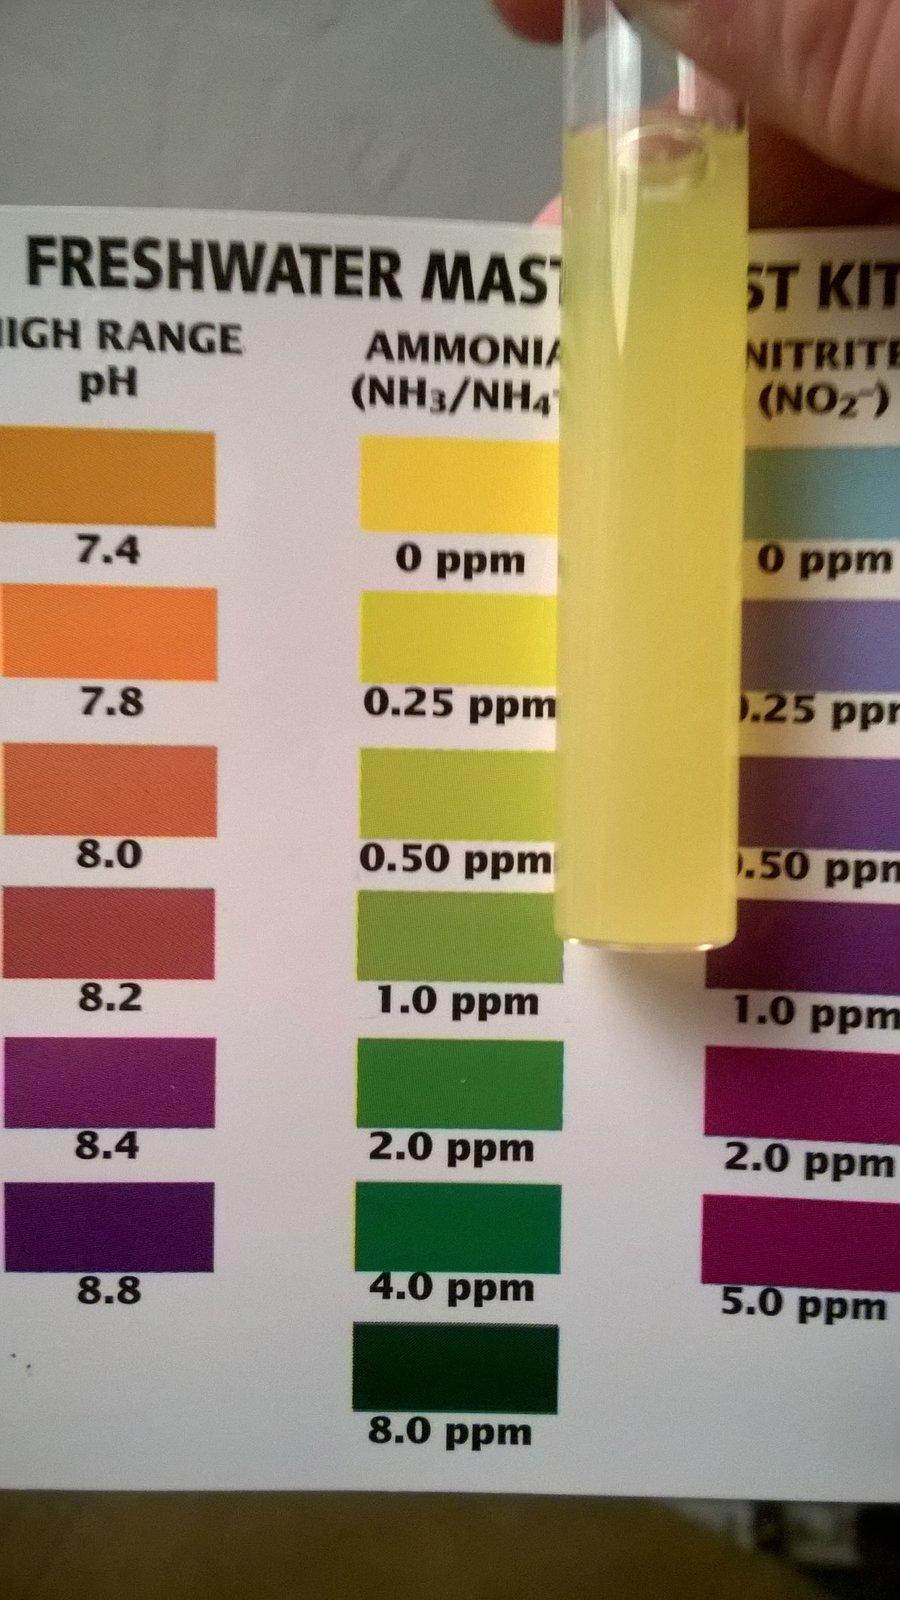 سنجش سطح آمونیاک در روزهای اولیه راه اندازی